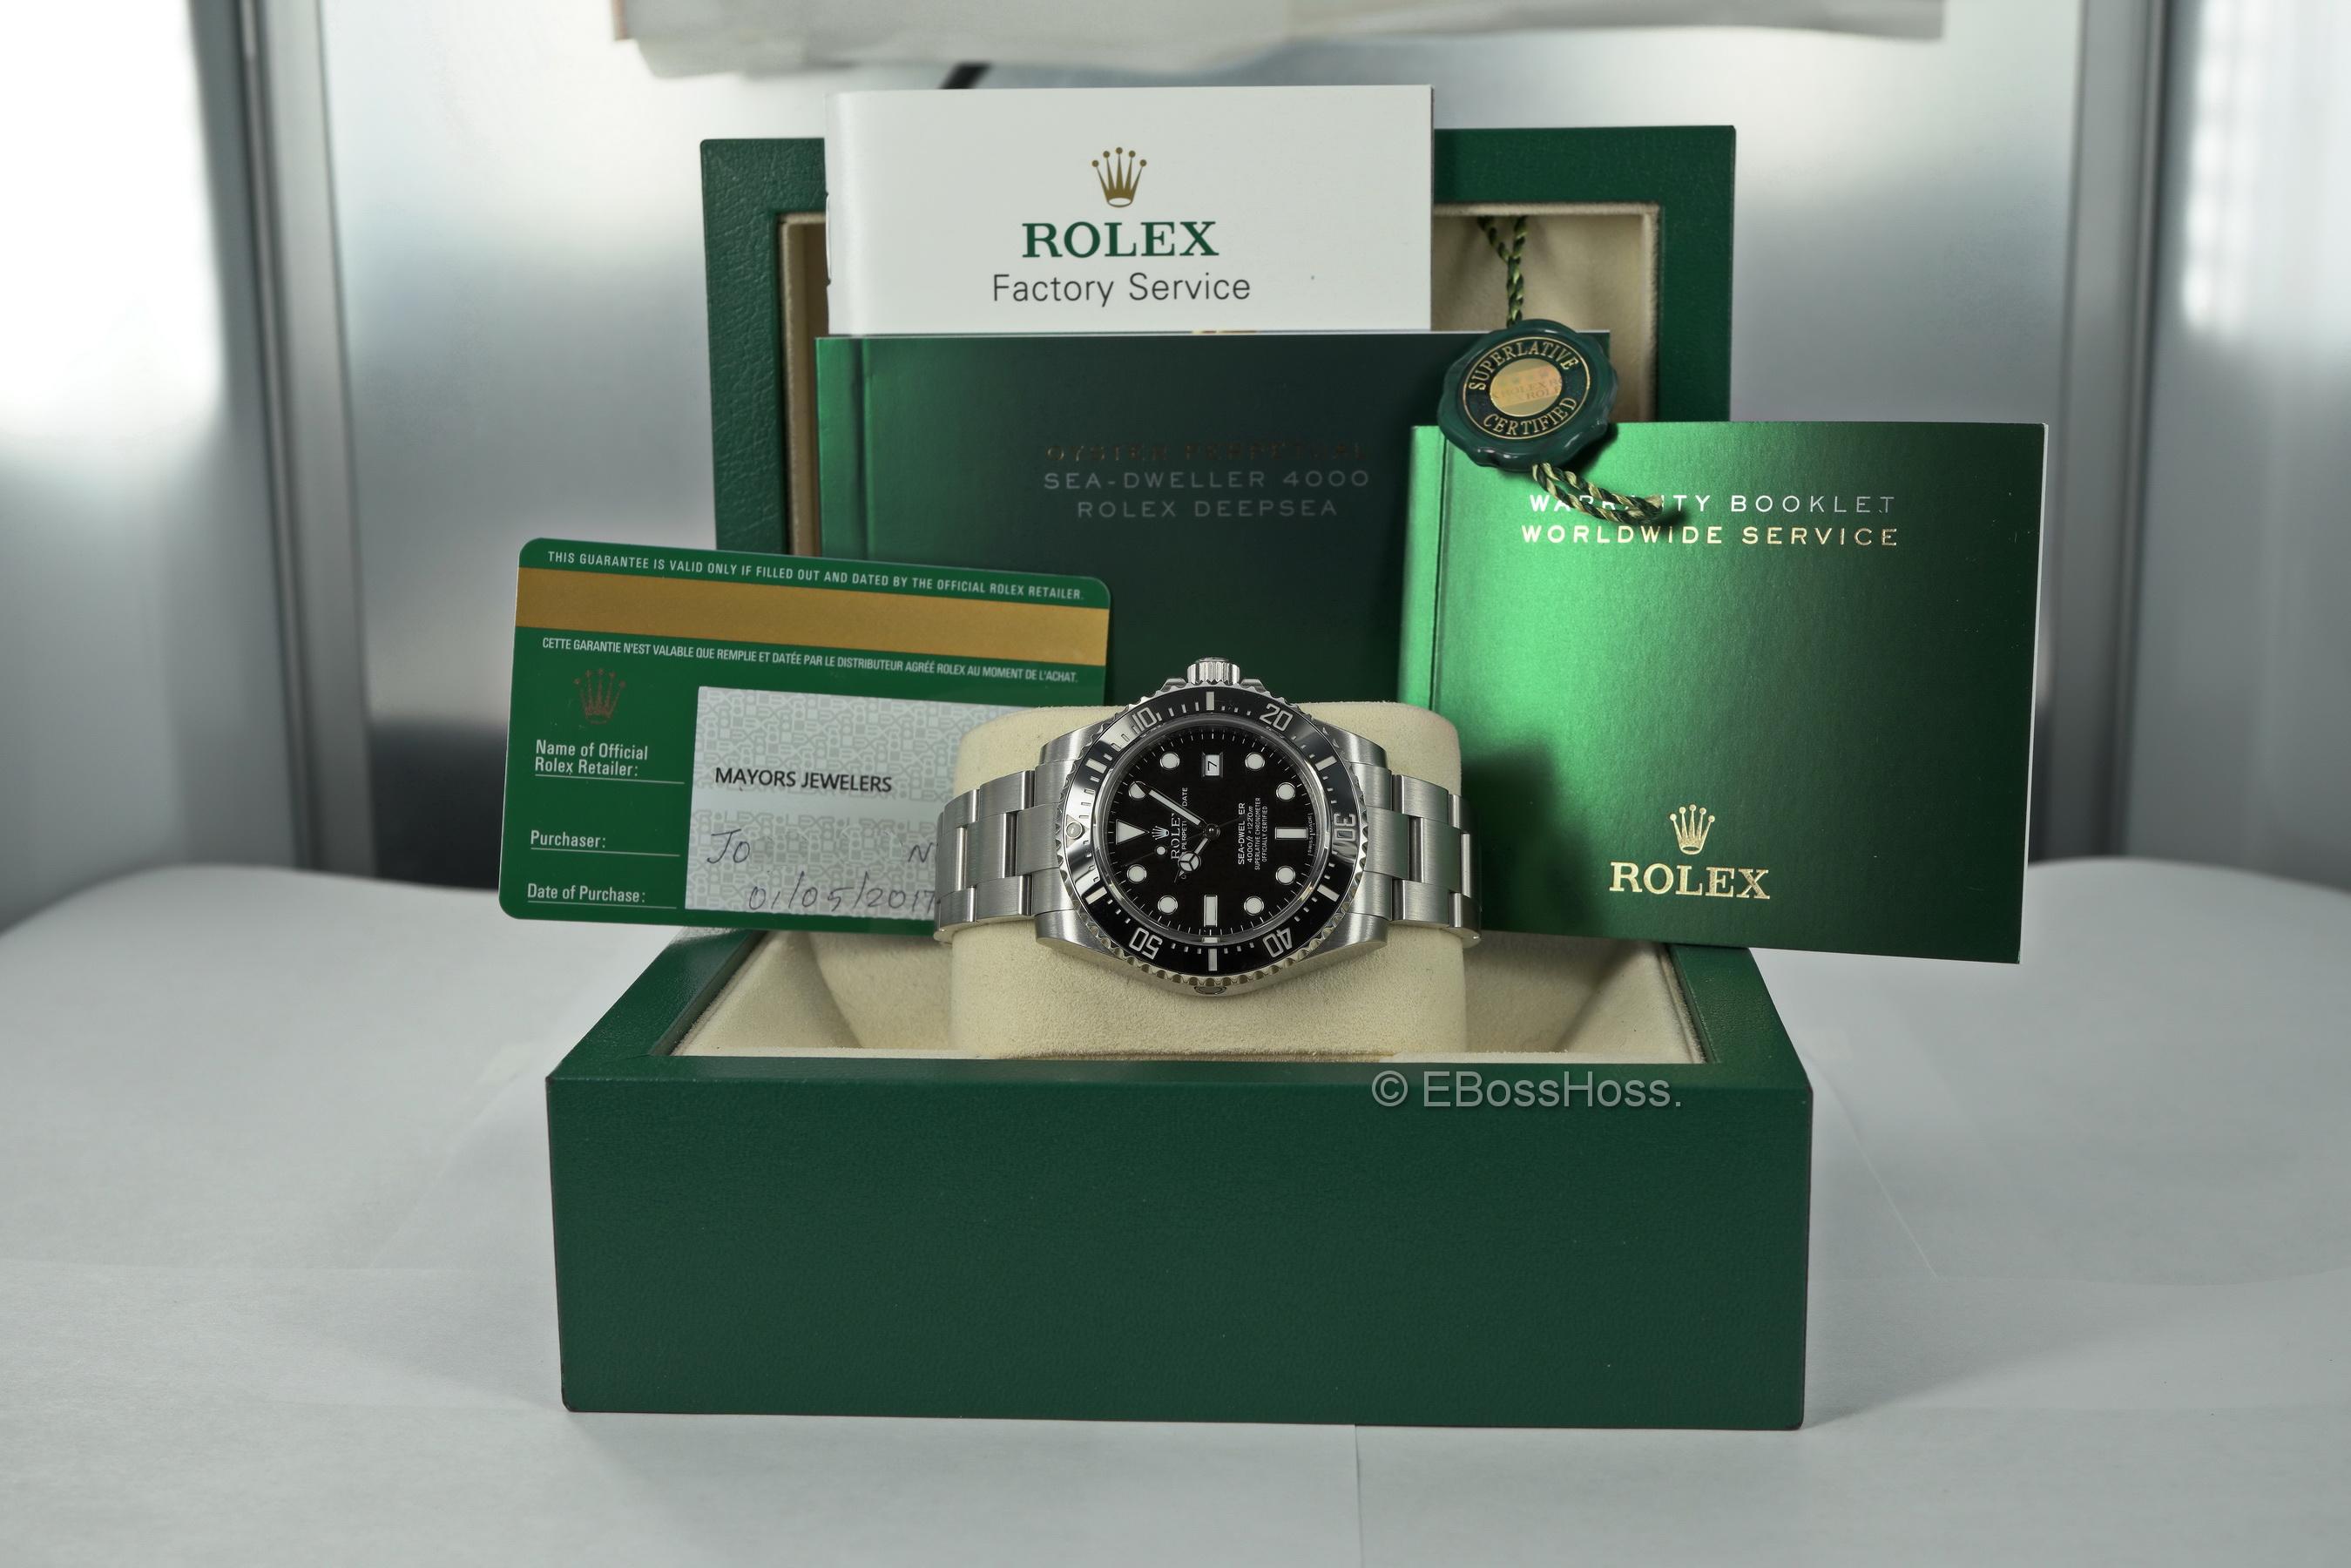 Rolex SEA-DWELLER 4000 - Ref. 116600